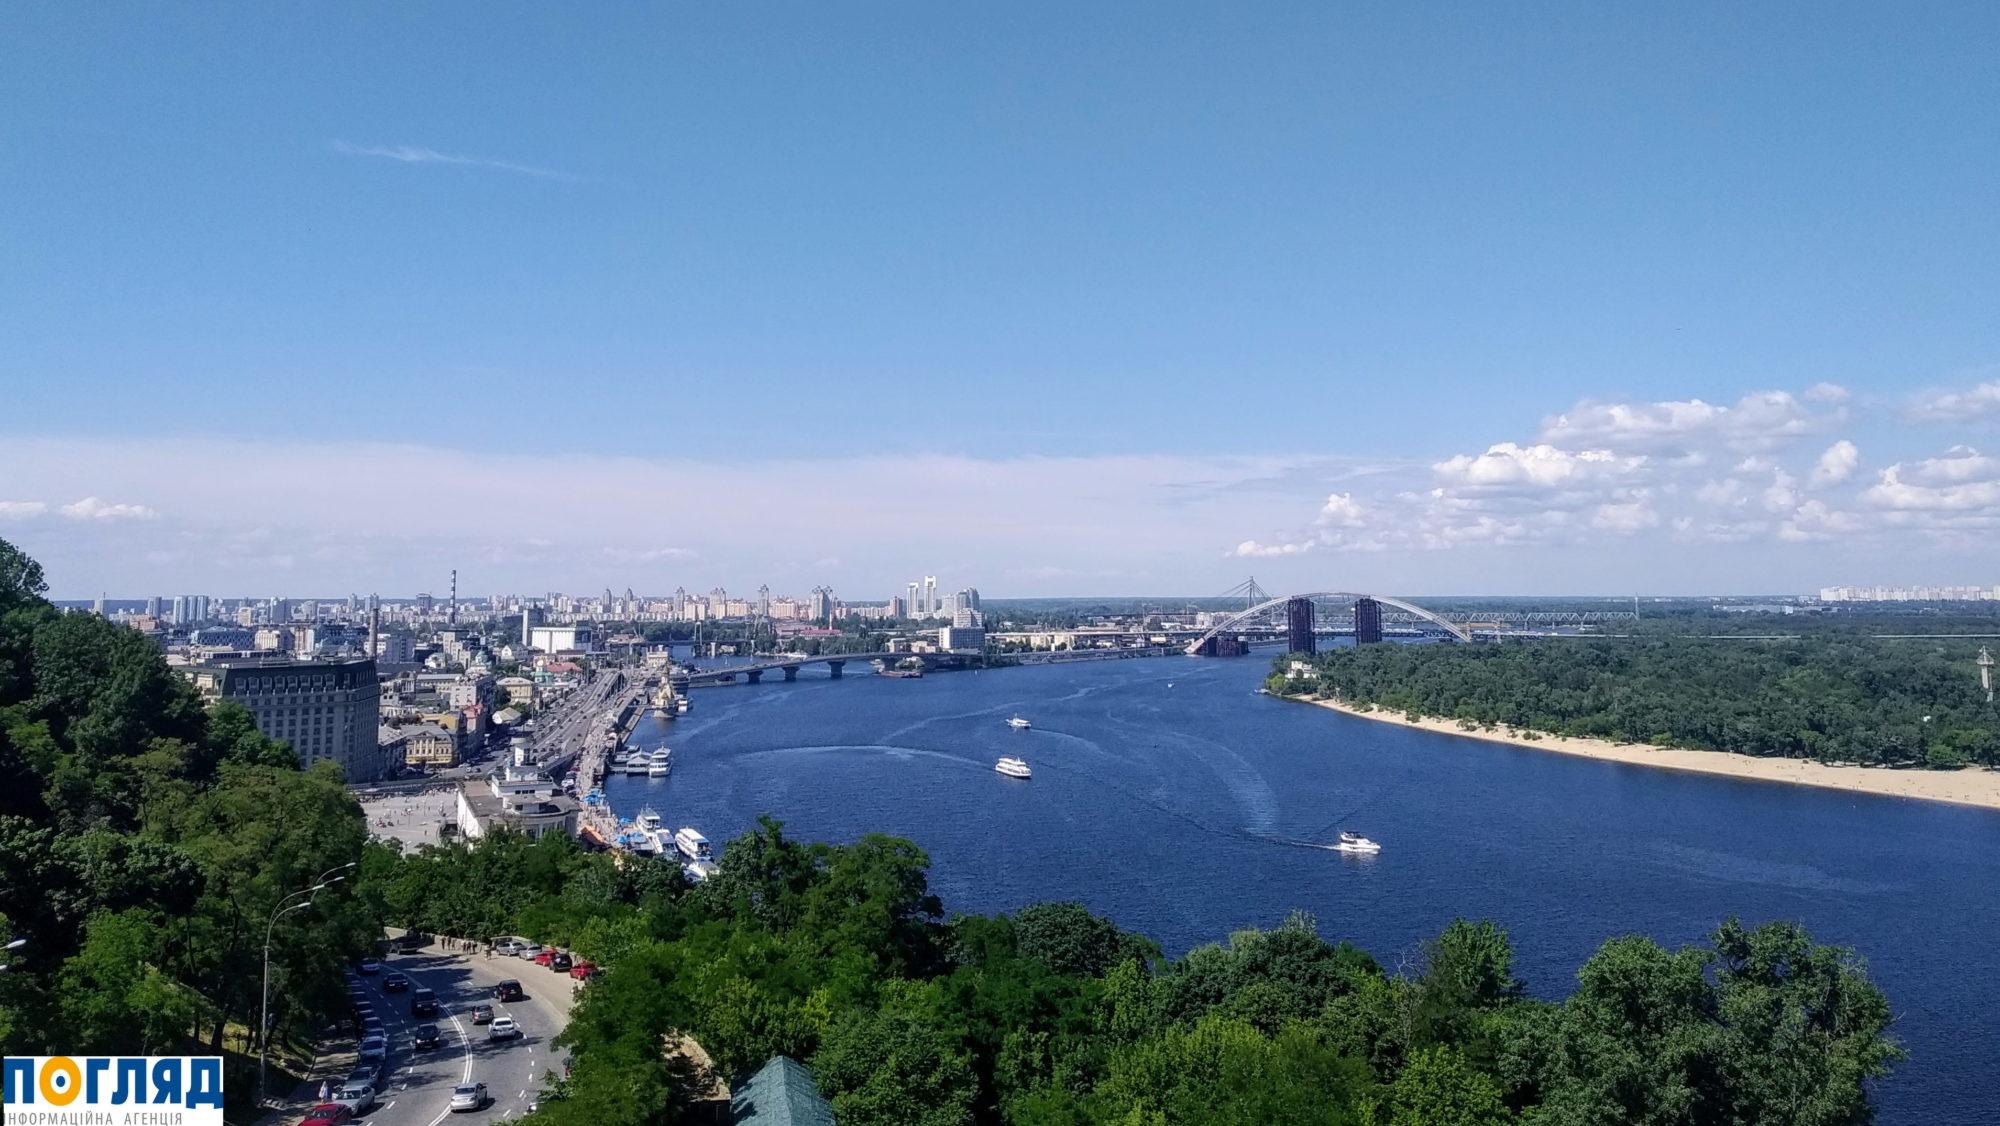 Київ показав високий рівень прогресу за останні 5 років